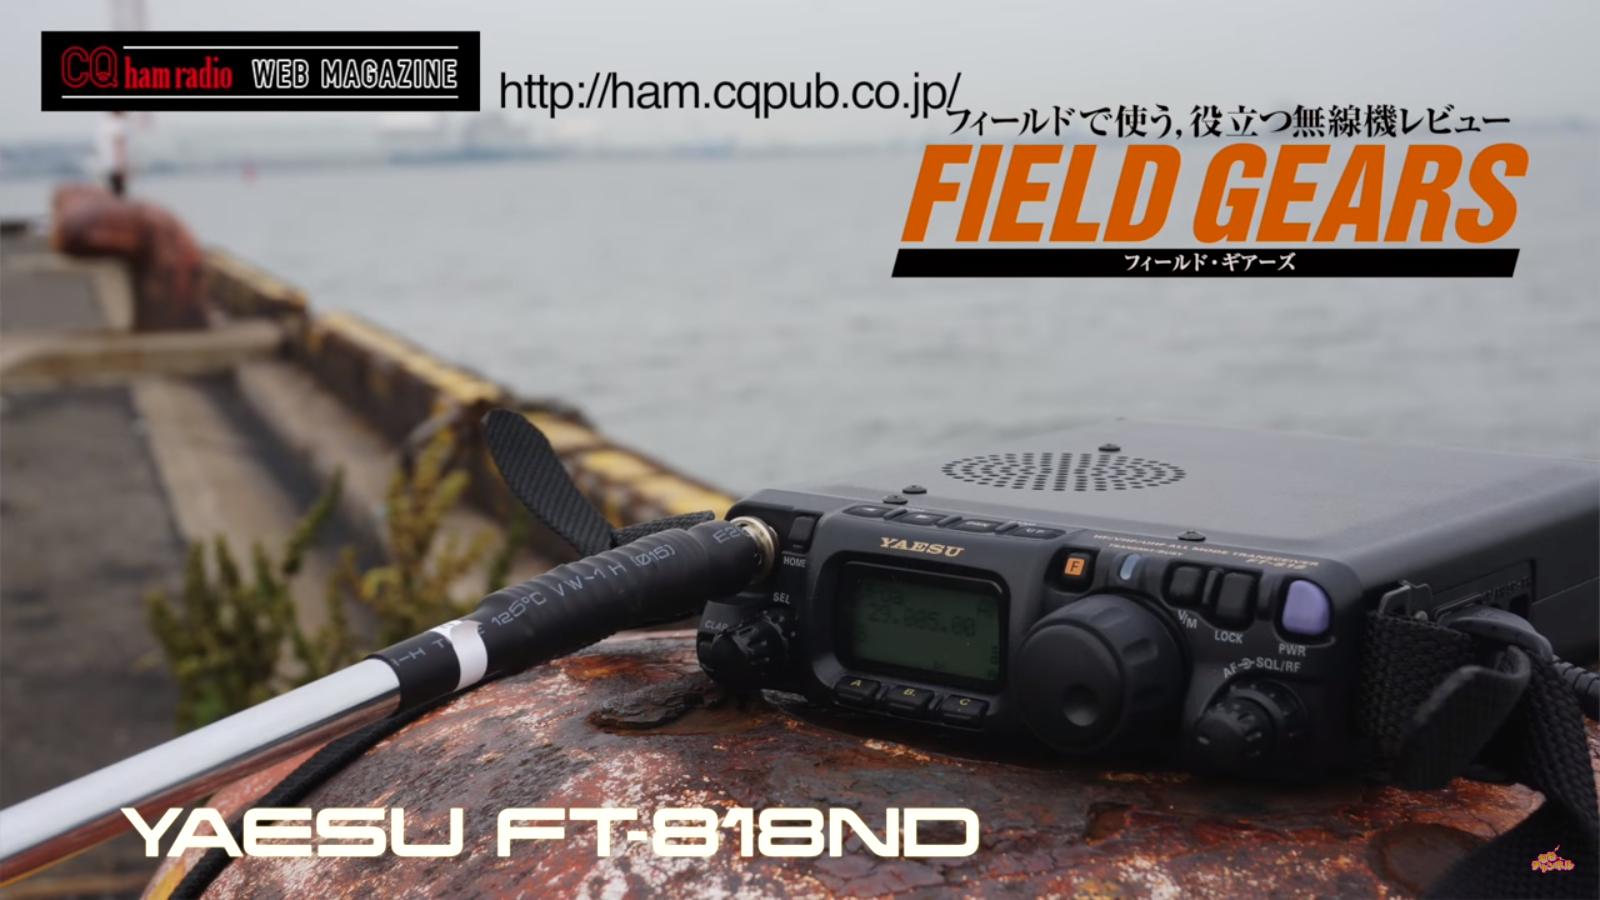 YAESUの最新ポータブル・ギアFT-818NDを フィールドに持ち出そう【FIELD GEARS連動動画】